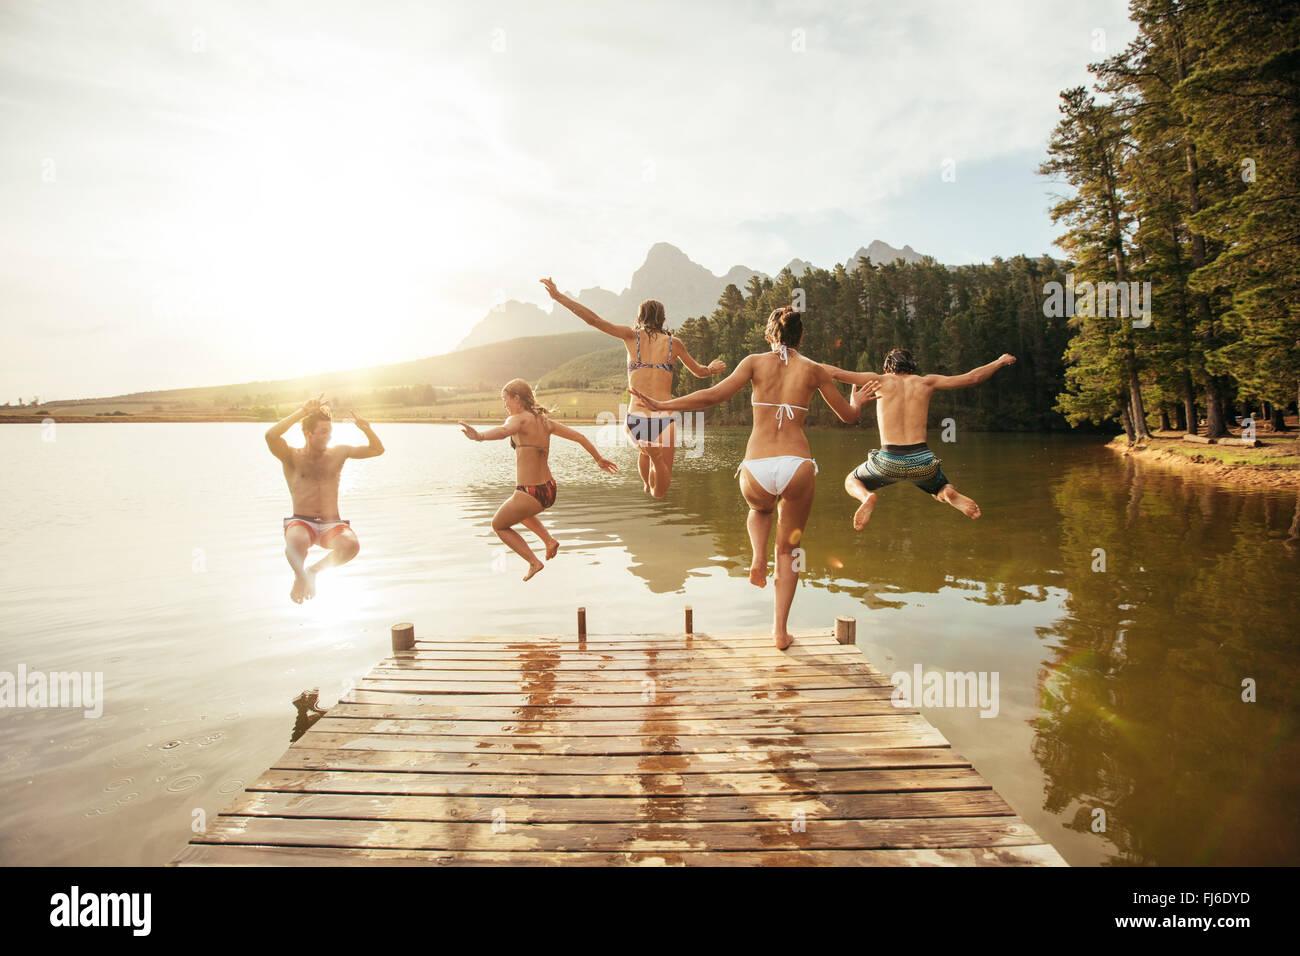 Retrato de jóvenes amigos saltar al agua desde una escollera. Los jóvenes se diviertan en el lago en un Imagen De Stock